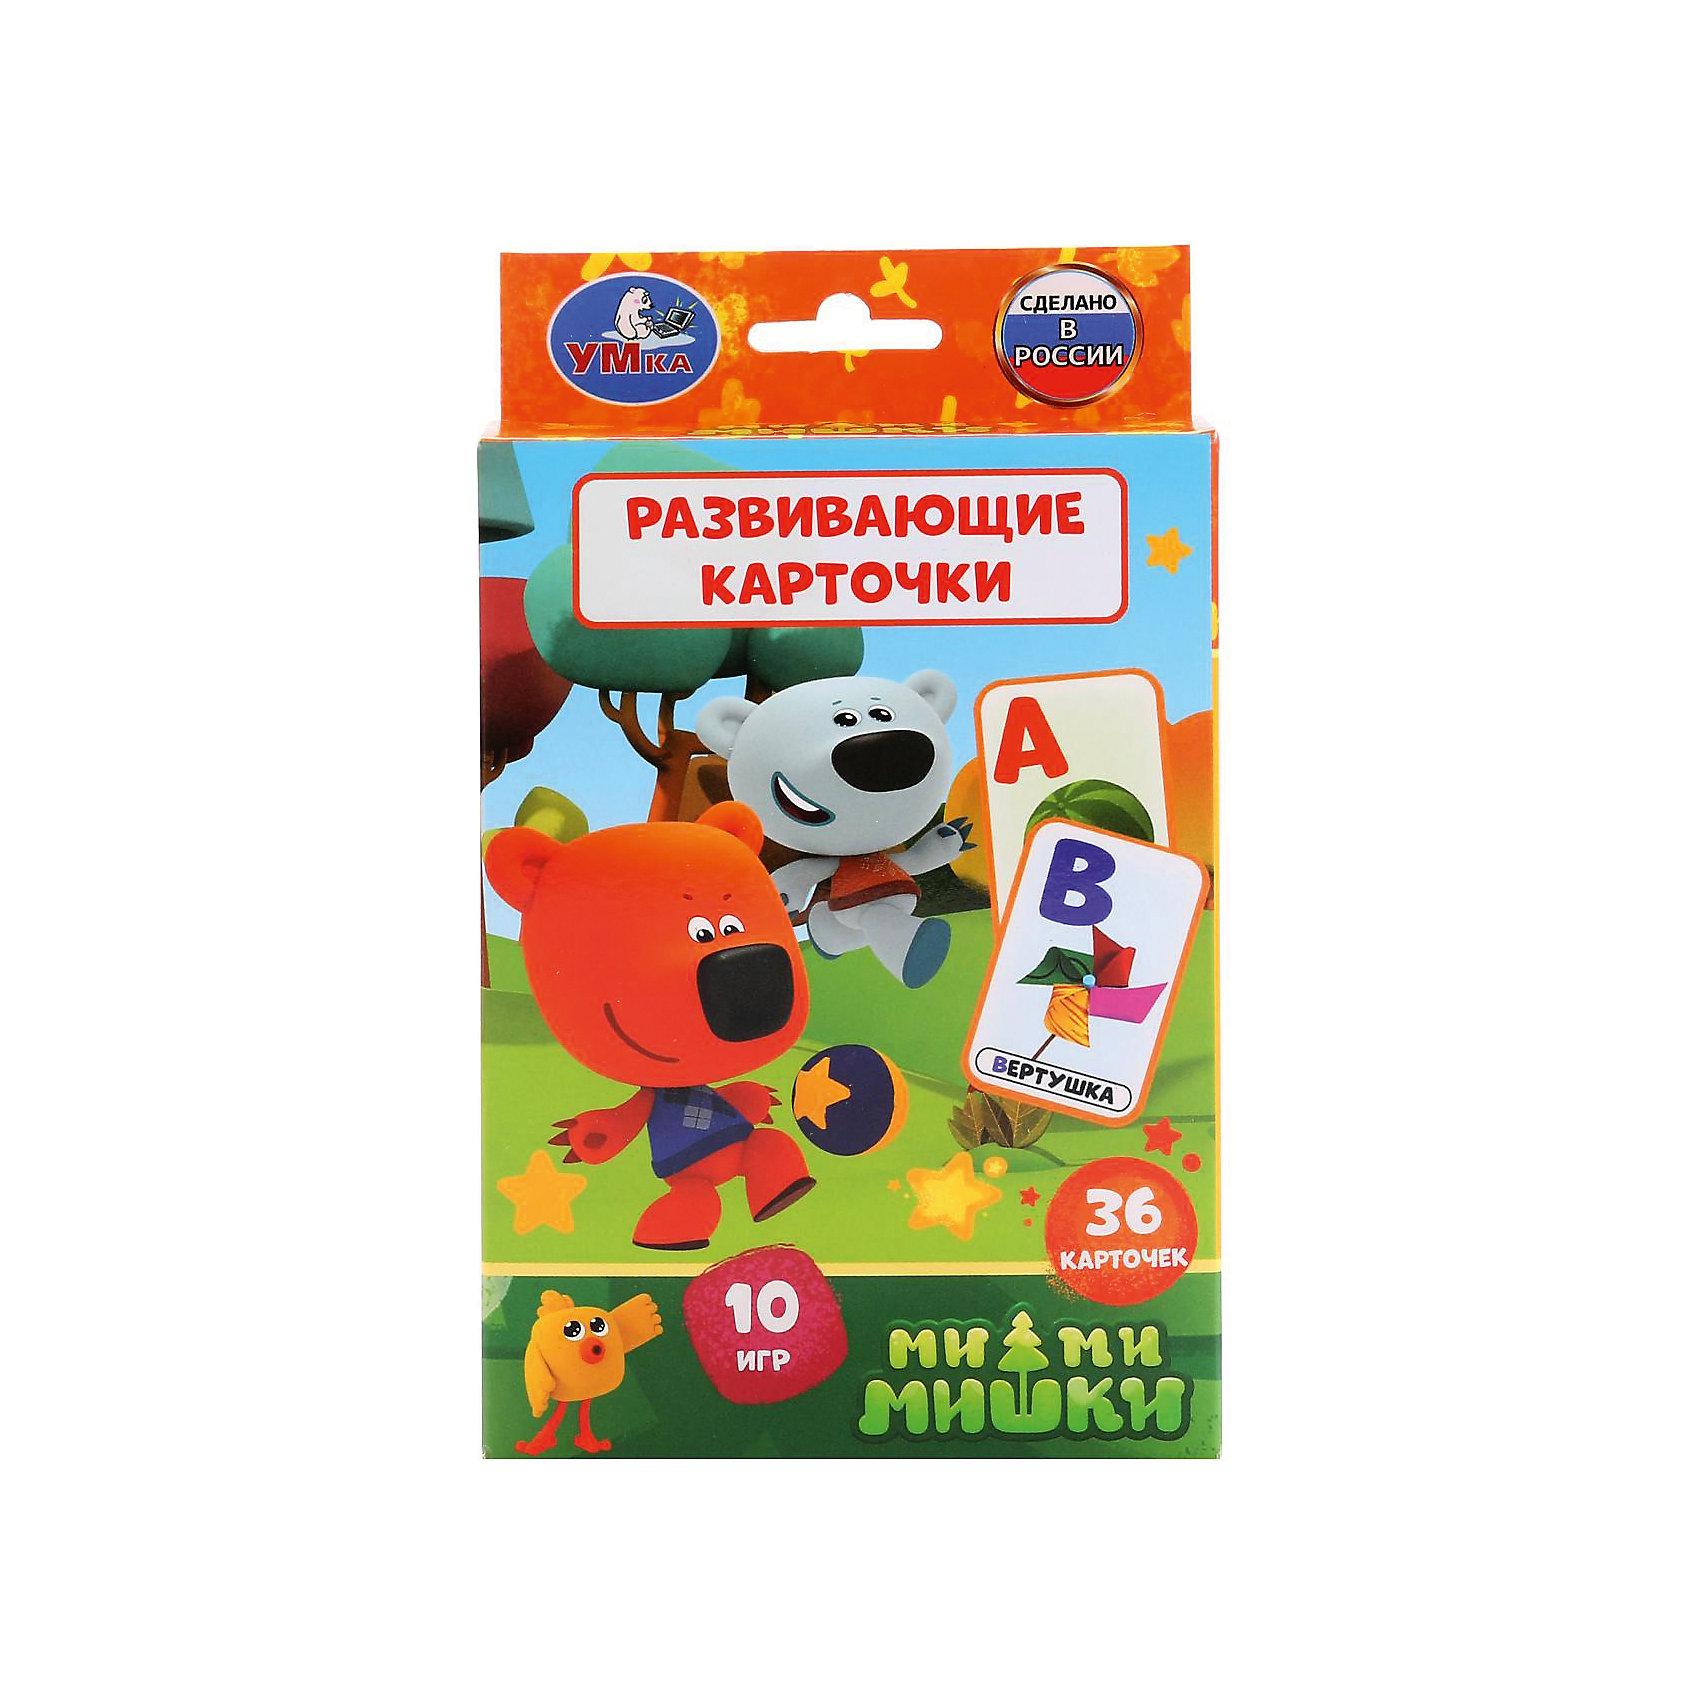 Карточки развивающие Ми-ми-мишки (36 карточек)Обучающие карточки<br>Характеристики: <br><br>• возраст: от 3 лет. <br>• в комплекте: 36 карточек, инструкция. <br>• материал: картон. <br>• размер: 2х16х10 см. <br>• Страна обладатель: Россия. <br><br>Развивающие карточки «Ми-ми-мишки» включает в себя 36 обучающих карточек. Карточки украшены цветными изображениями, которые подобраны таким образом, что первая буква нарисованного предмета соответствует предложенной букве алфавита. Это способствует лучшему восприятию информации и быстрому запоминанию, благодаря возникшей в голове ребёнка ассоциации с уже известным для него ранее предметом.<br><br>С помощью данного набора у вас получится проводить 10 различных занятий с ребенком.  Перед применением рекомендуется внимательно изучить инструкцию. В комплект входят 27 карточек с буквами, 5 карточек с цифрами, 3 карточки с математическими знаками и карточка с инструкцией.  Набор изготовлен исключительно из экологически чистых материалов, не вызывающих аллергических реакций или раздражения. <br><br>Развивающие карточки «Ми-ми-мишки» можно купить у нас в интернет-магазине.<br><br>Ширина мм: 160<br>Глубина мм: 20<br>Высота мм: 100<br>Вес г: 110<br>Возраст от месяцев: 36<br>Возраст до месяцев: 60<br>Пол: Унисекс<br>Возраст: Детский<br>SKU: 7032126